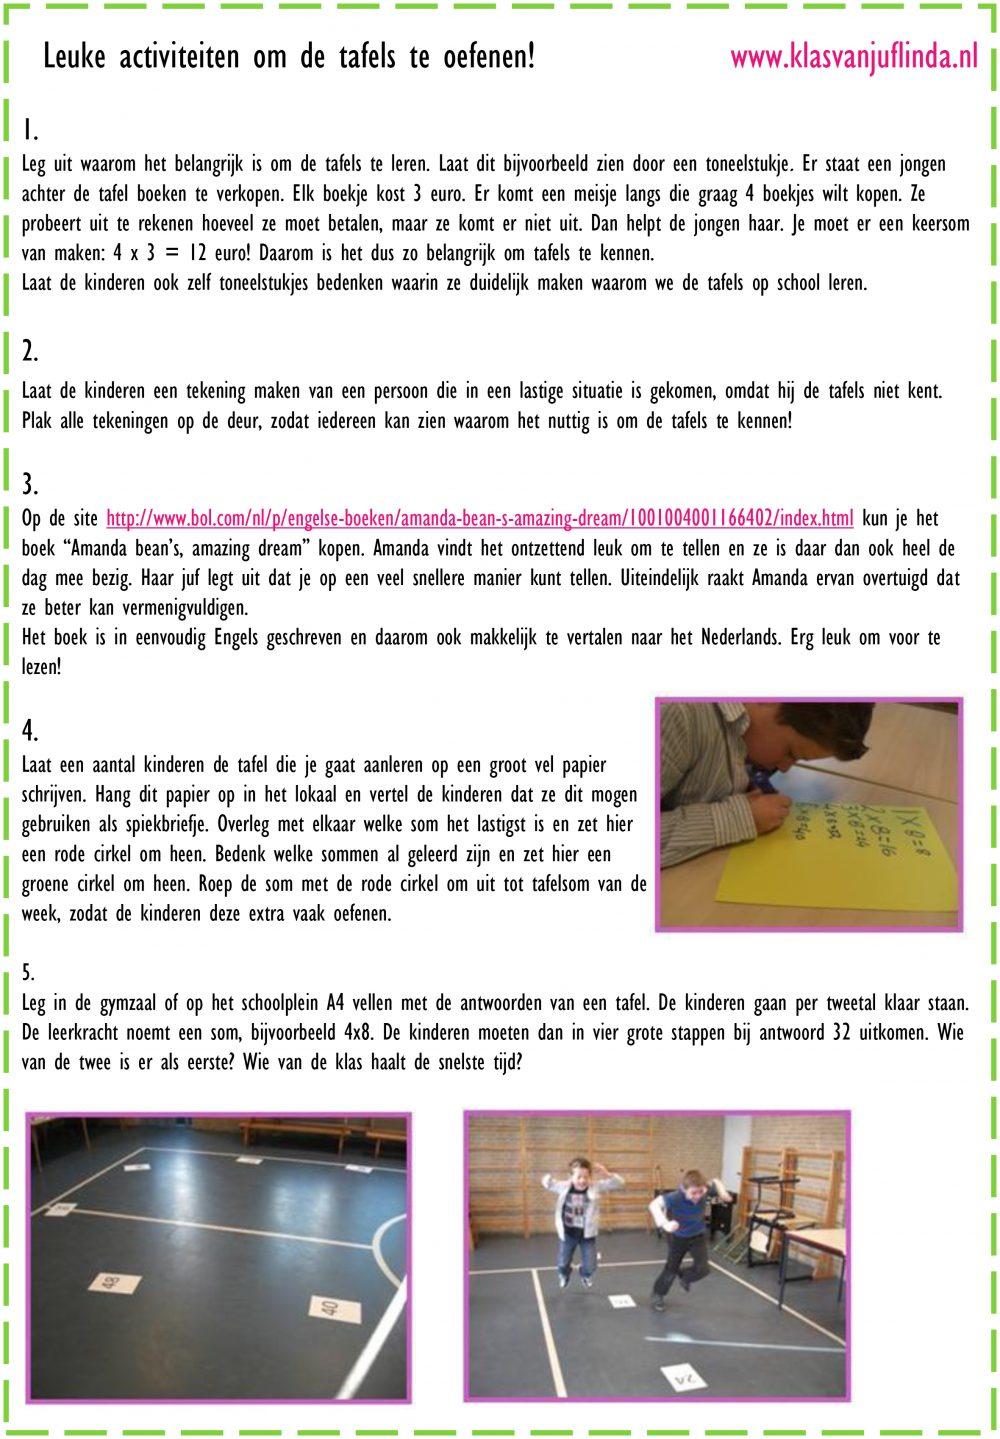 22 leuke activiteiten om de tafels te oefenen.